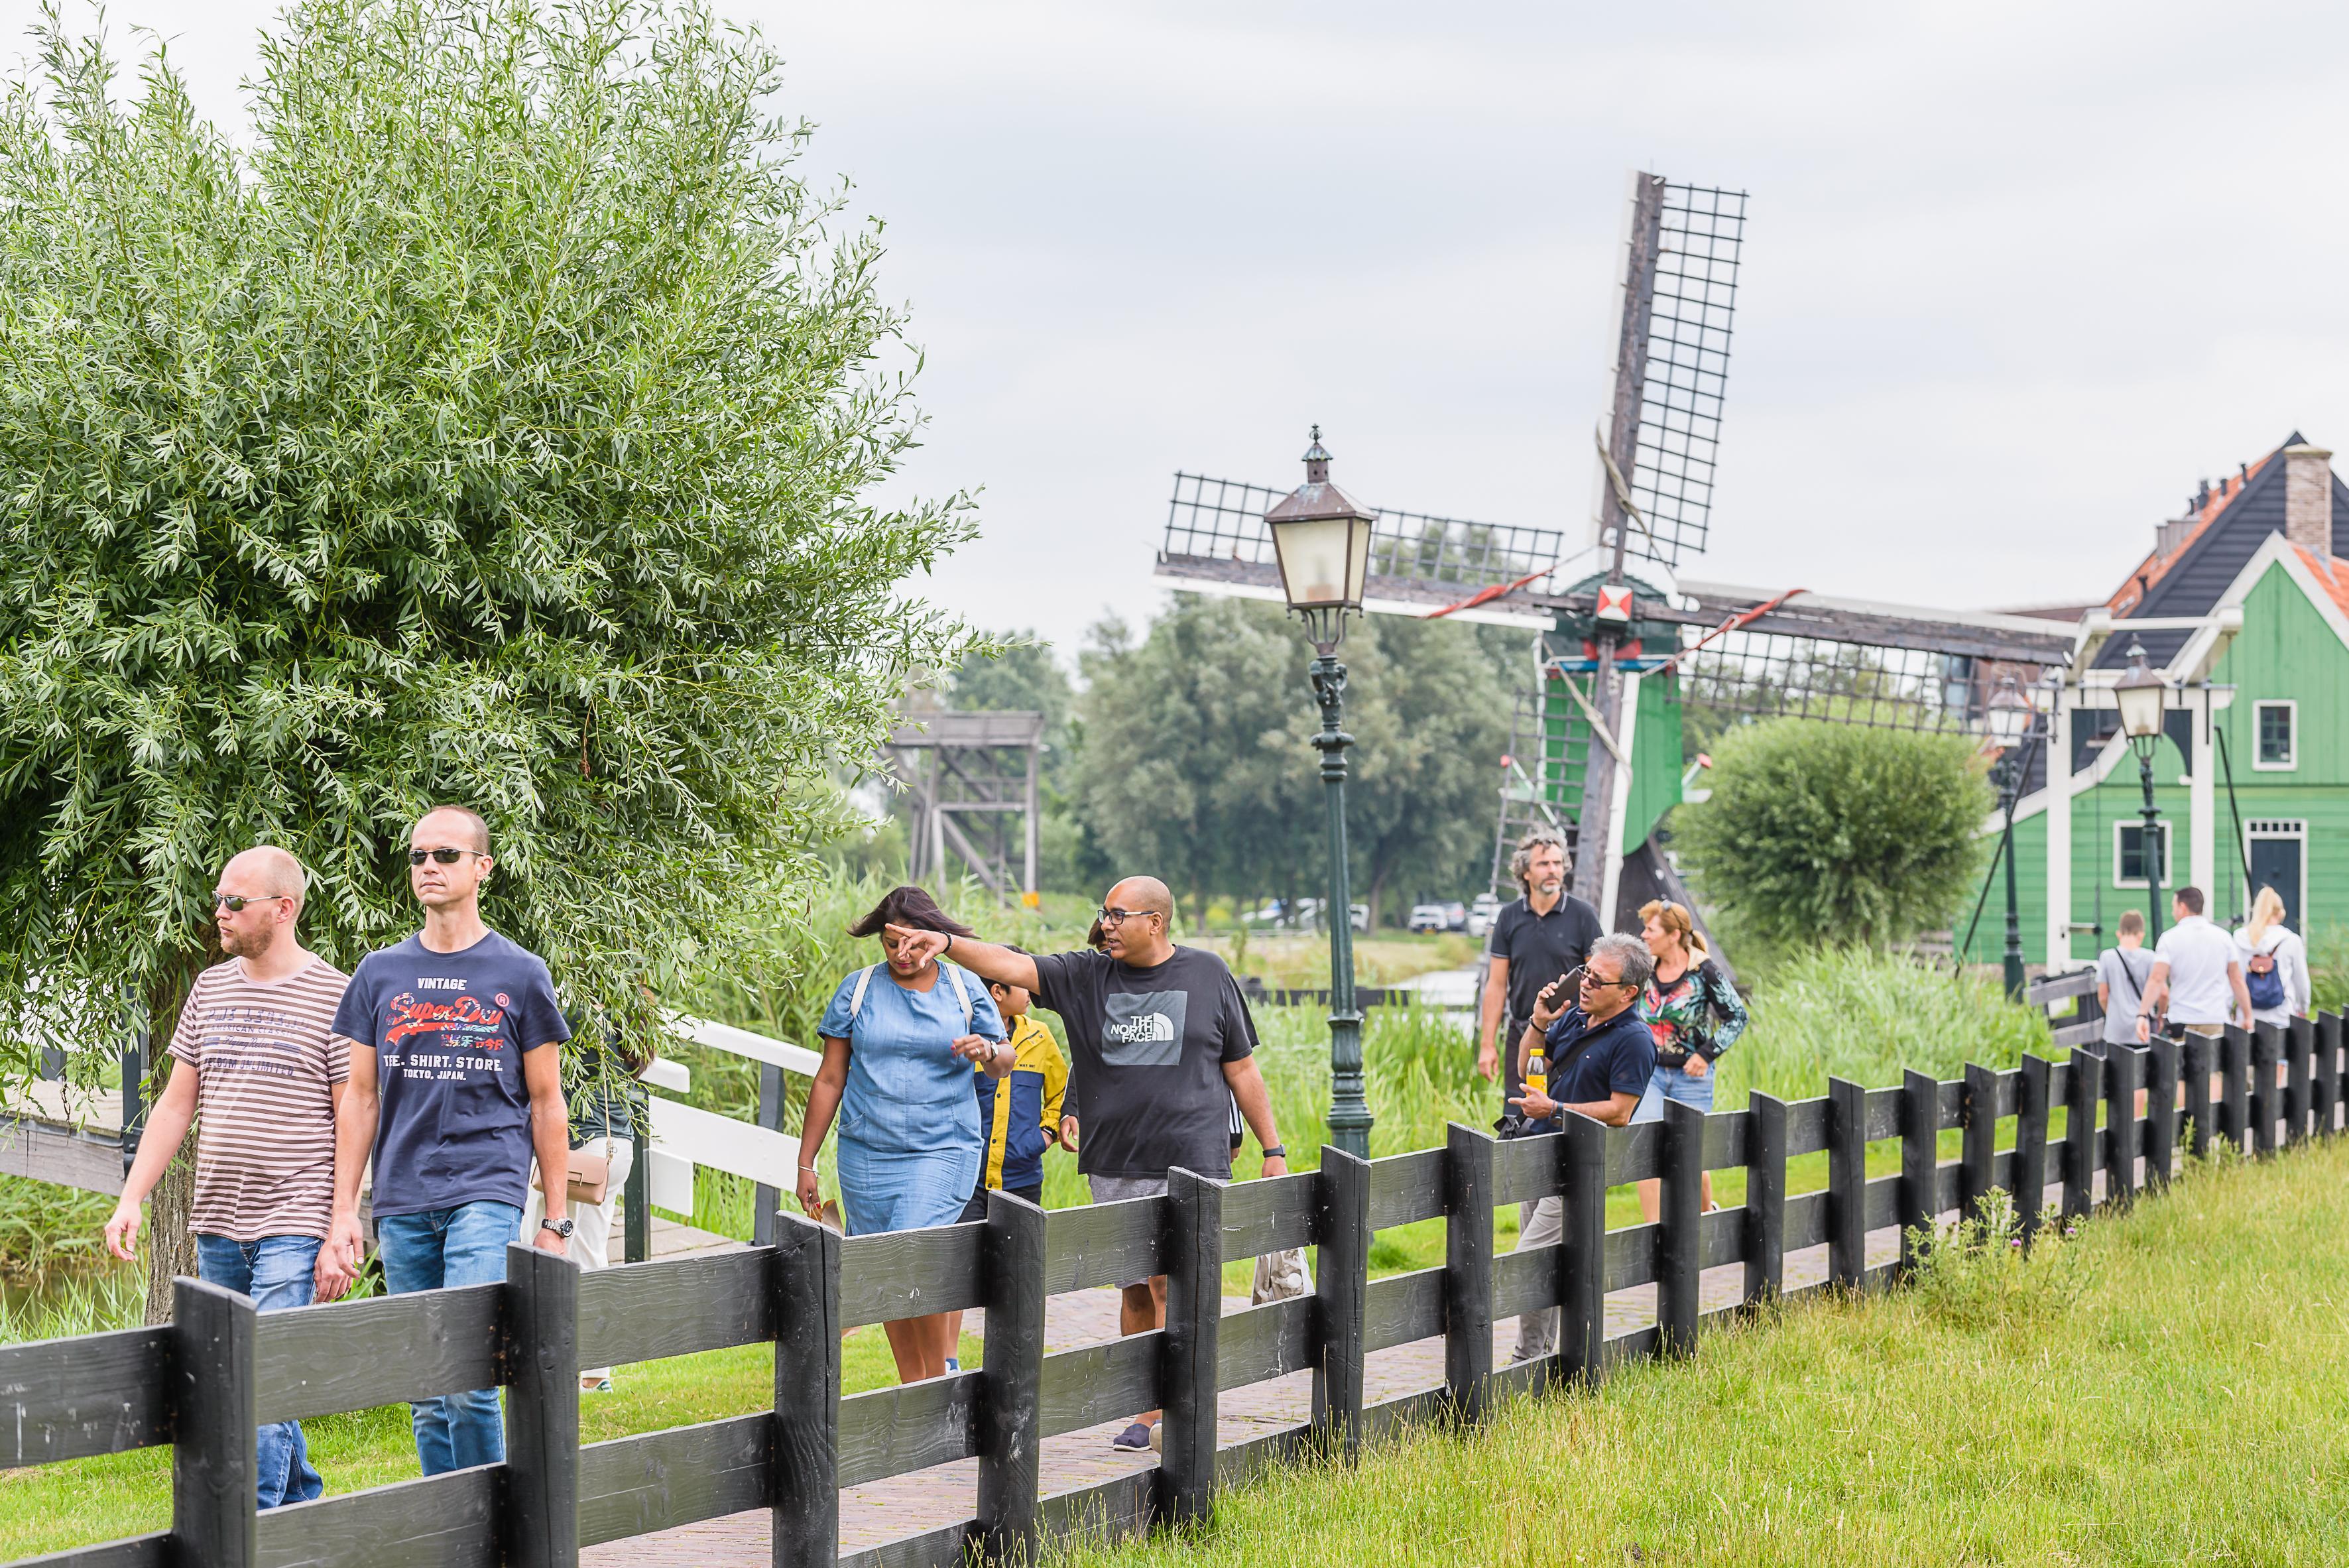 Gaat regio Zaanstreek-Waterland straks op rood? Burgemeester Hamming: 'Aanvullende maatregelen en risiconiveau 'zorgelijk' onontkoombaar'